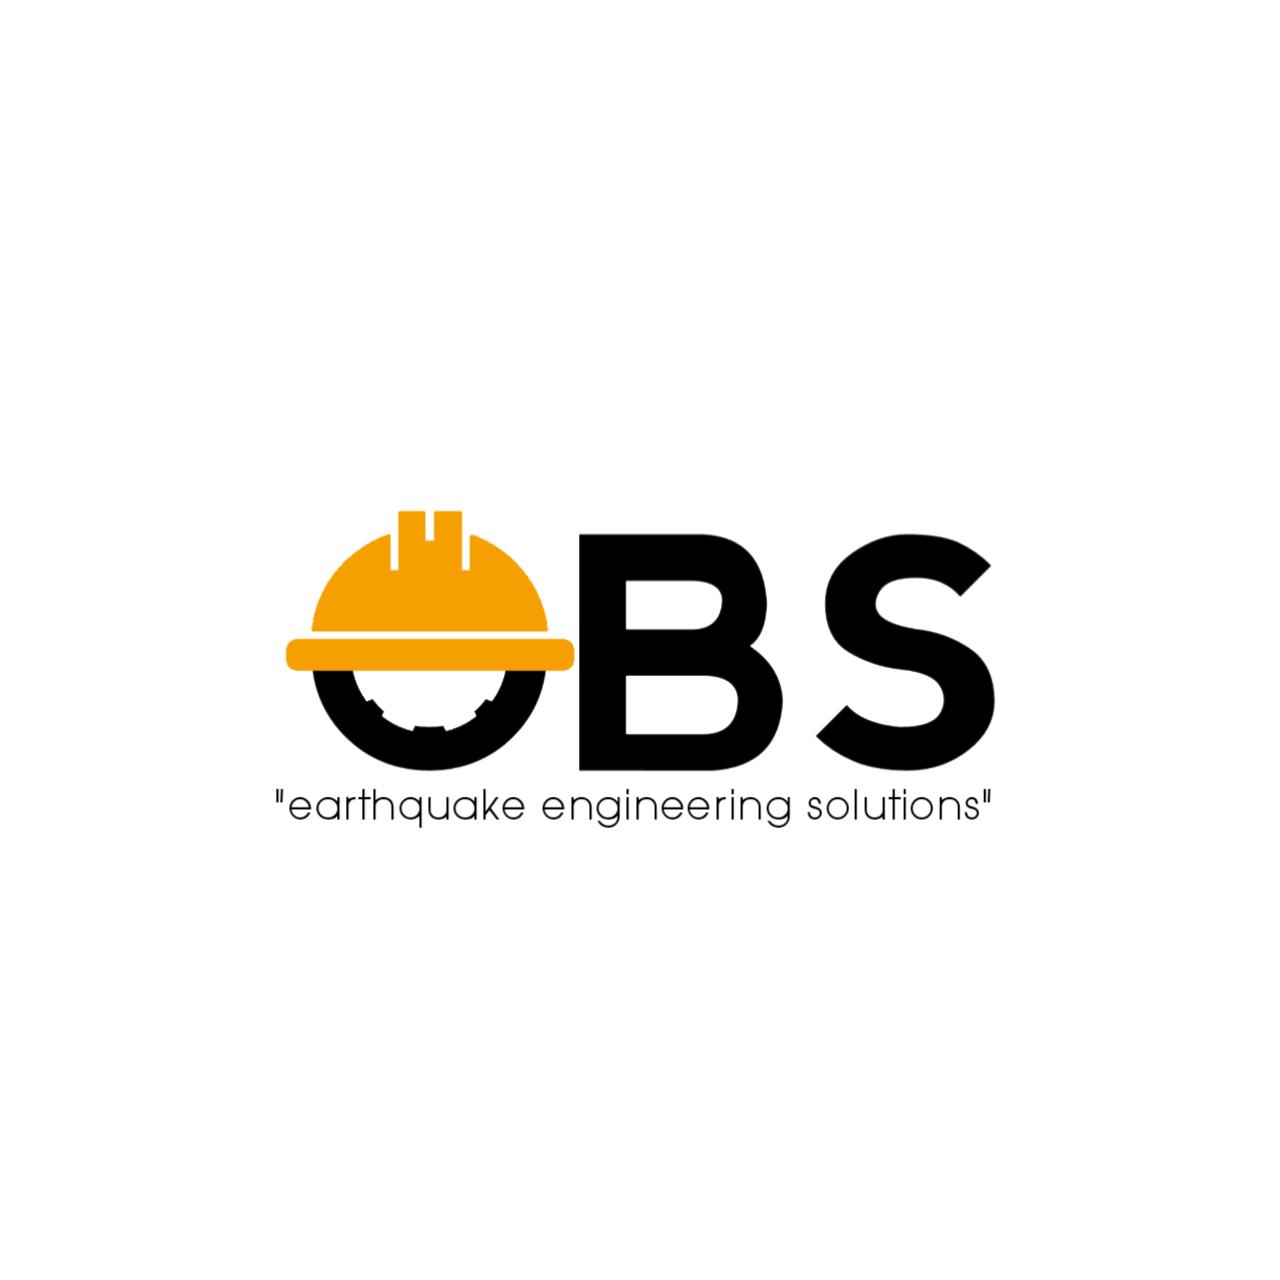 Ernst Professionell Civil Engineer Logo Design Für Obs Whether